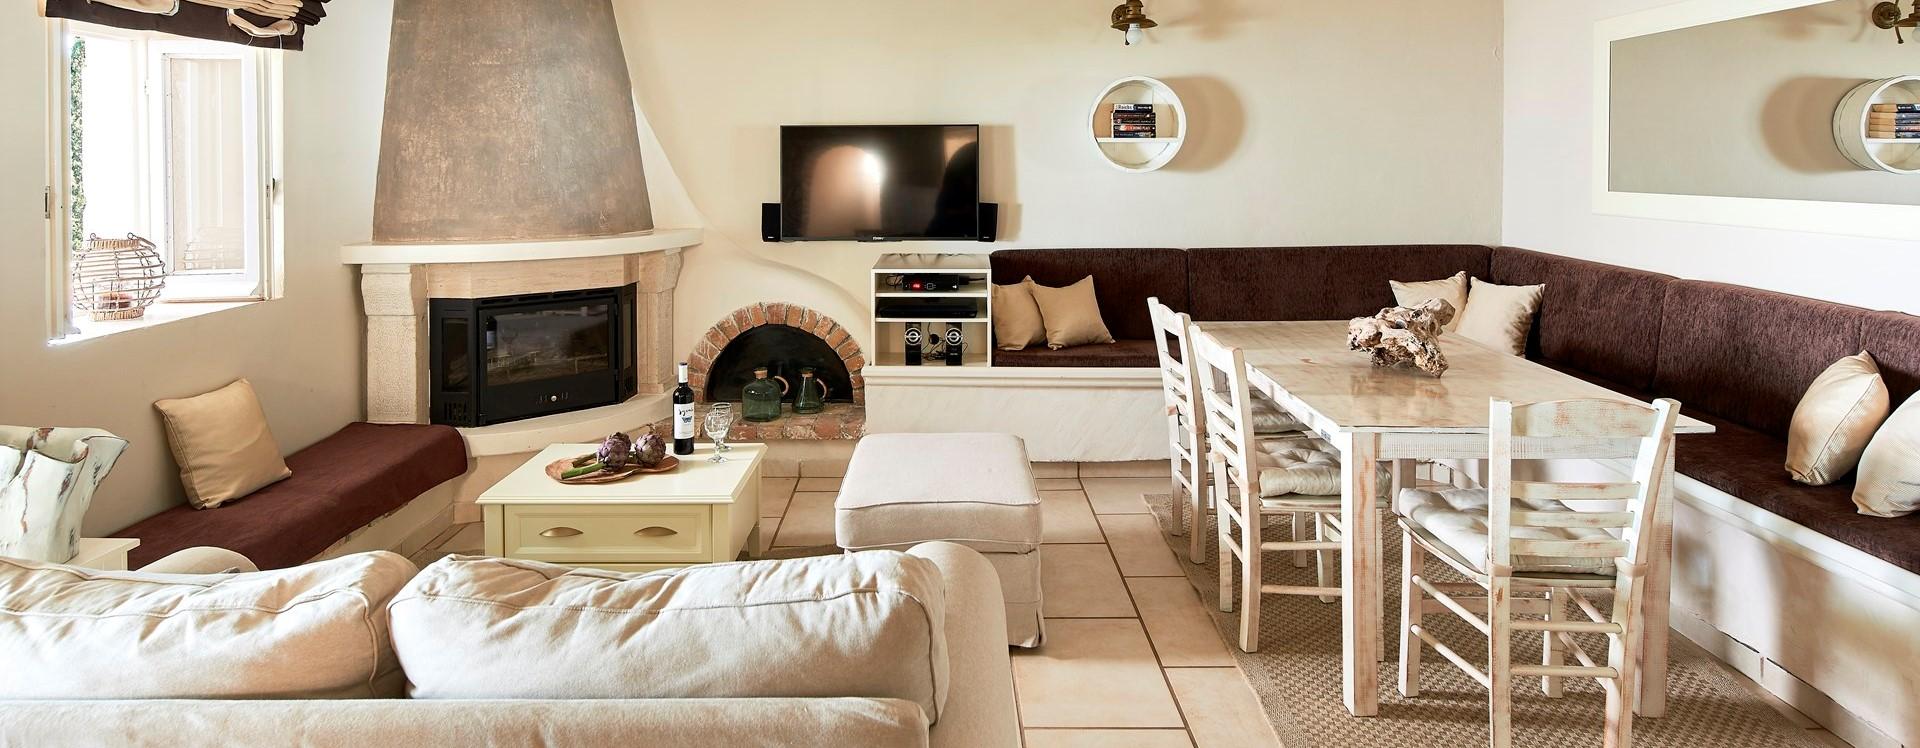 villa-kokkini-corfu-open-plan-interior